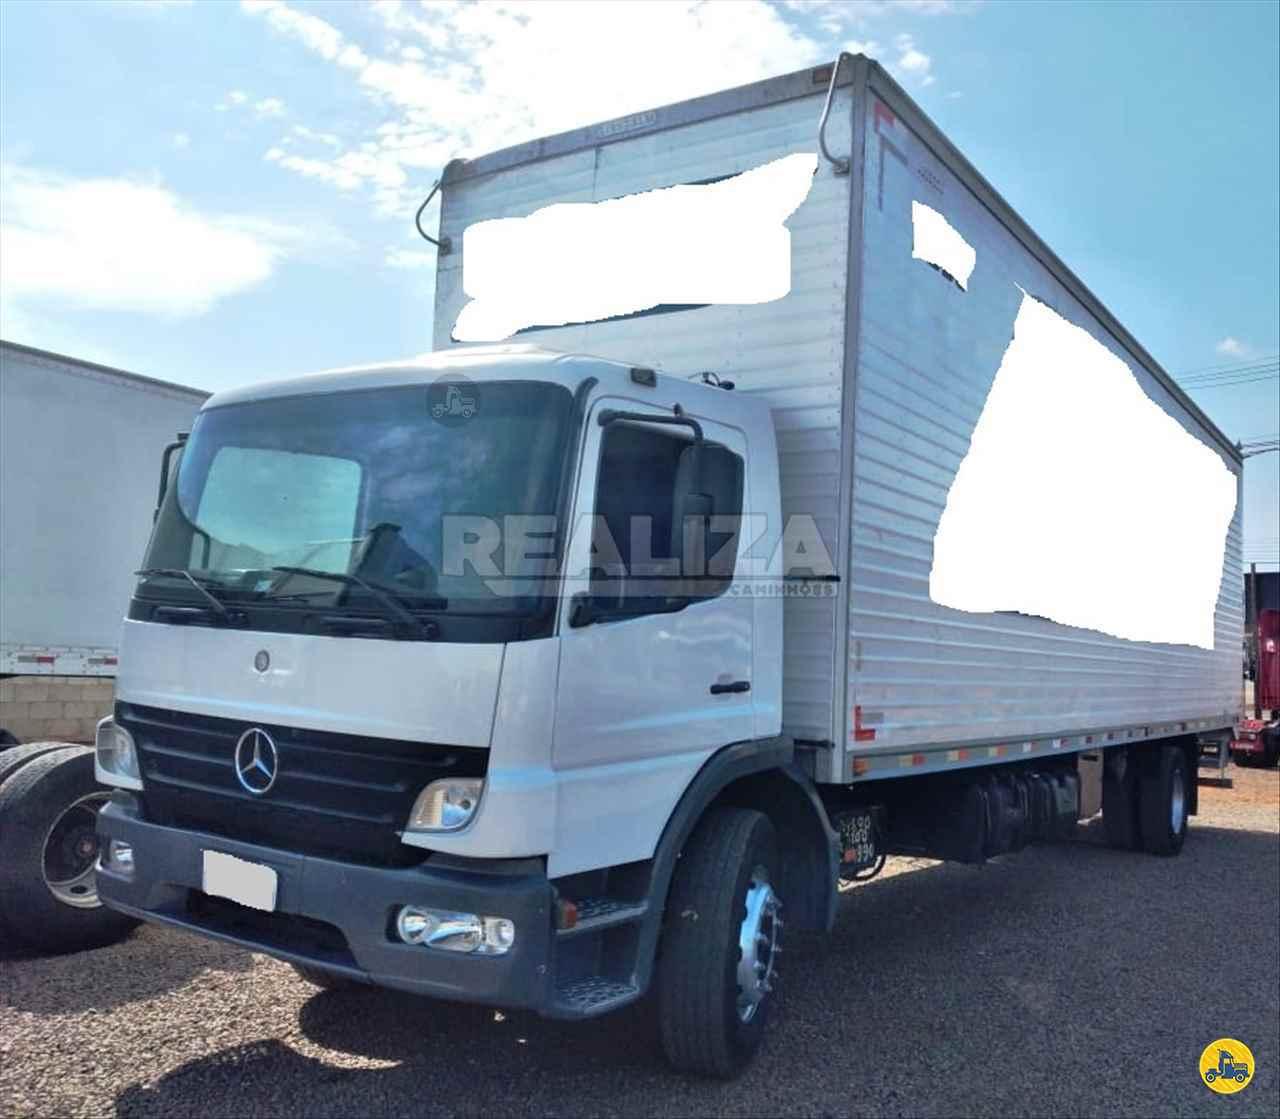 CAMINHAO MERCEDES-BENZ MB 1518 Baú Furgão Truck 6x2 Realiza Caminhões - Umuarama UMUARAMA PARANÁ PR